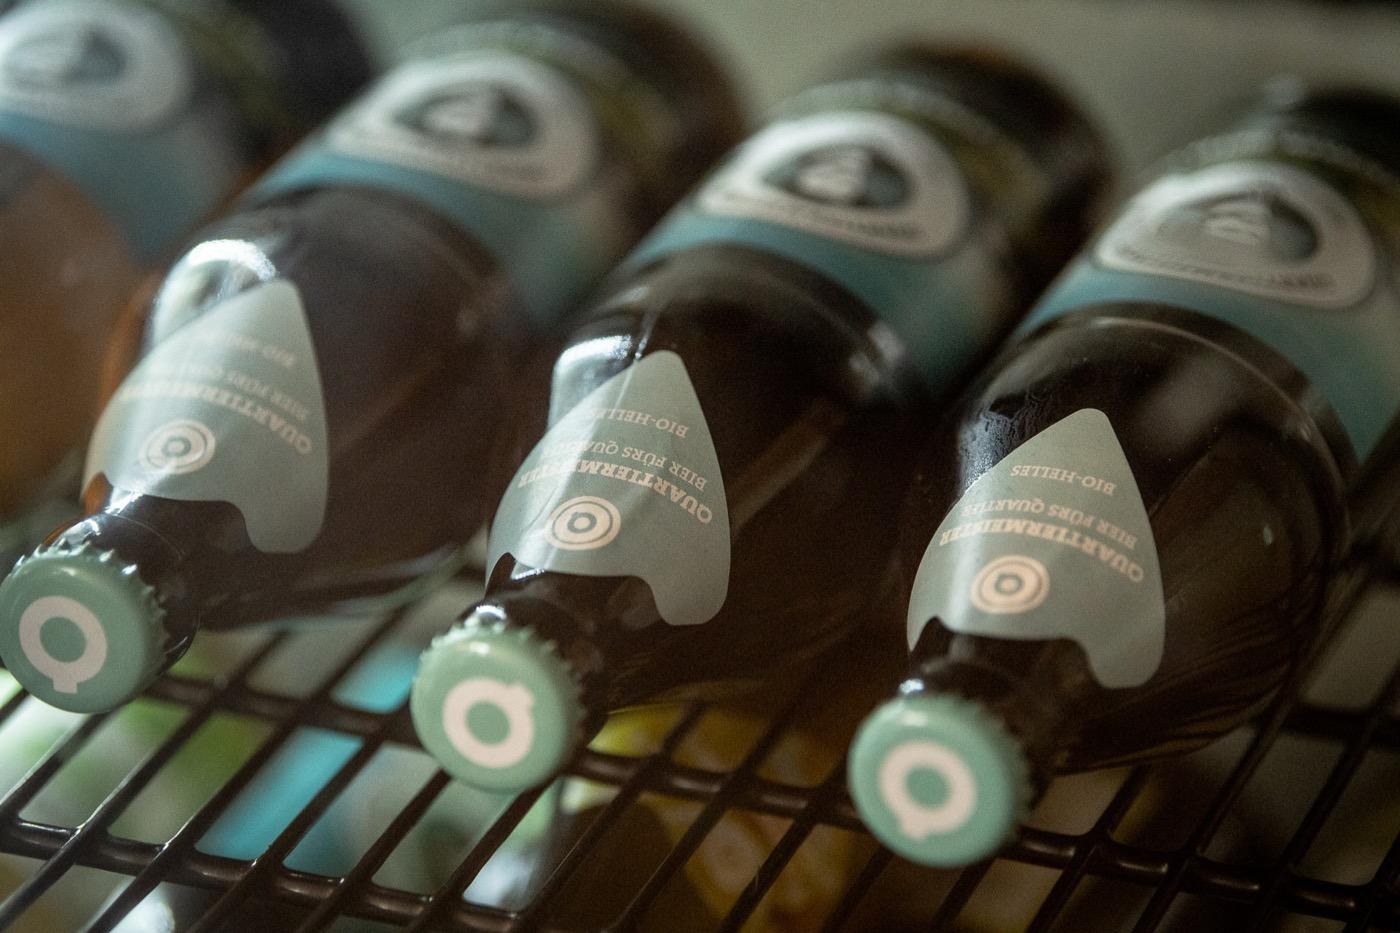 Das Bier gibt es in 0,3-Liter-Flaschen, als Halbliterversion und im Fass.